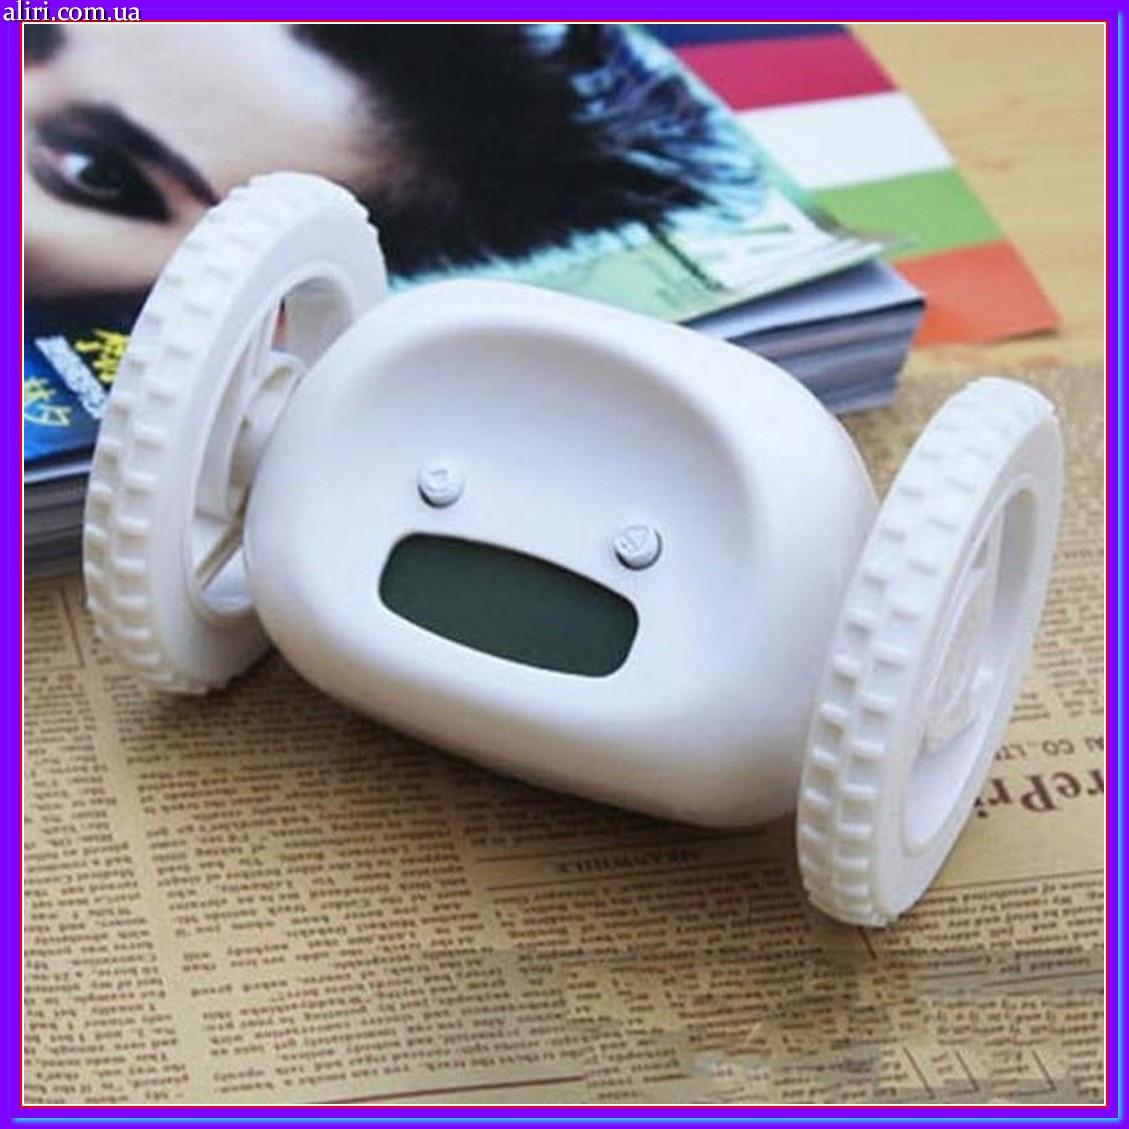 Прикольный убегающий будильник на колесах Runaway clock alarm clock White, оригинальный подарок